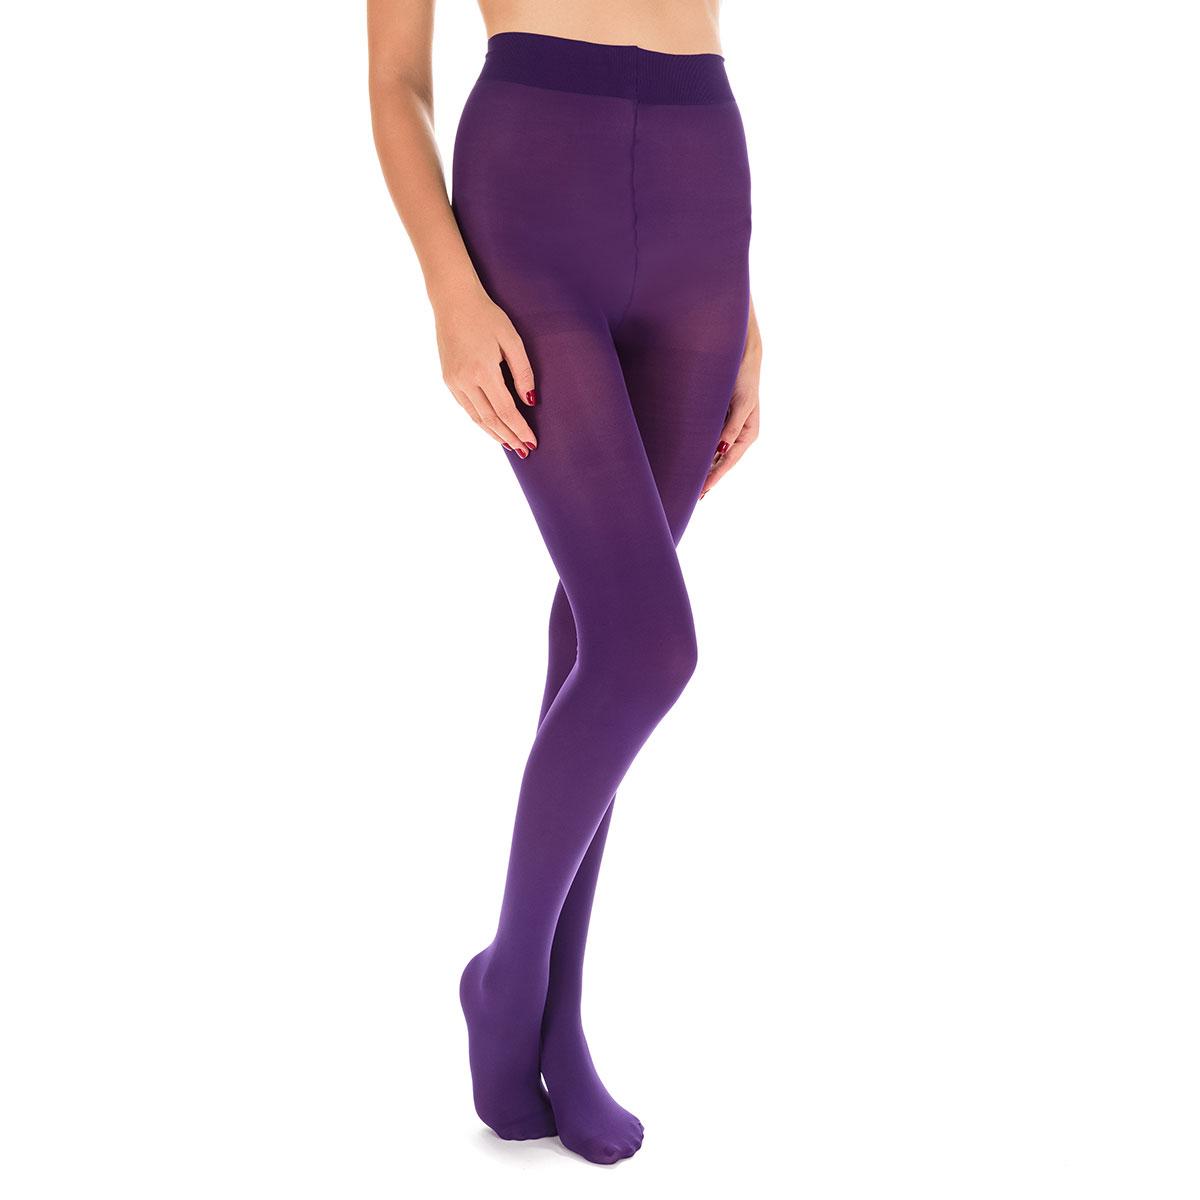 Collant ultra violet opaque velouté Style 50D